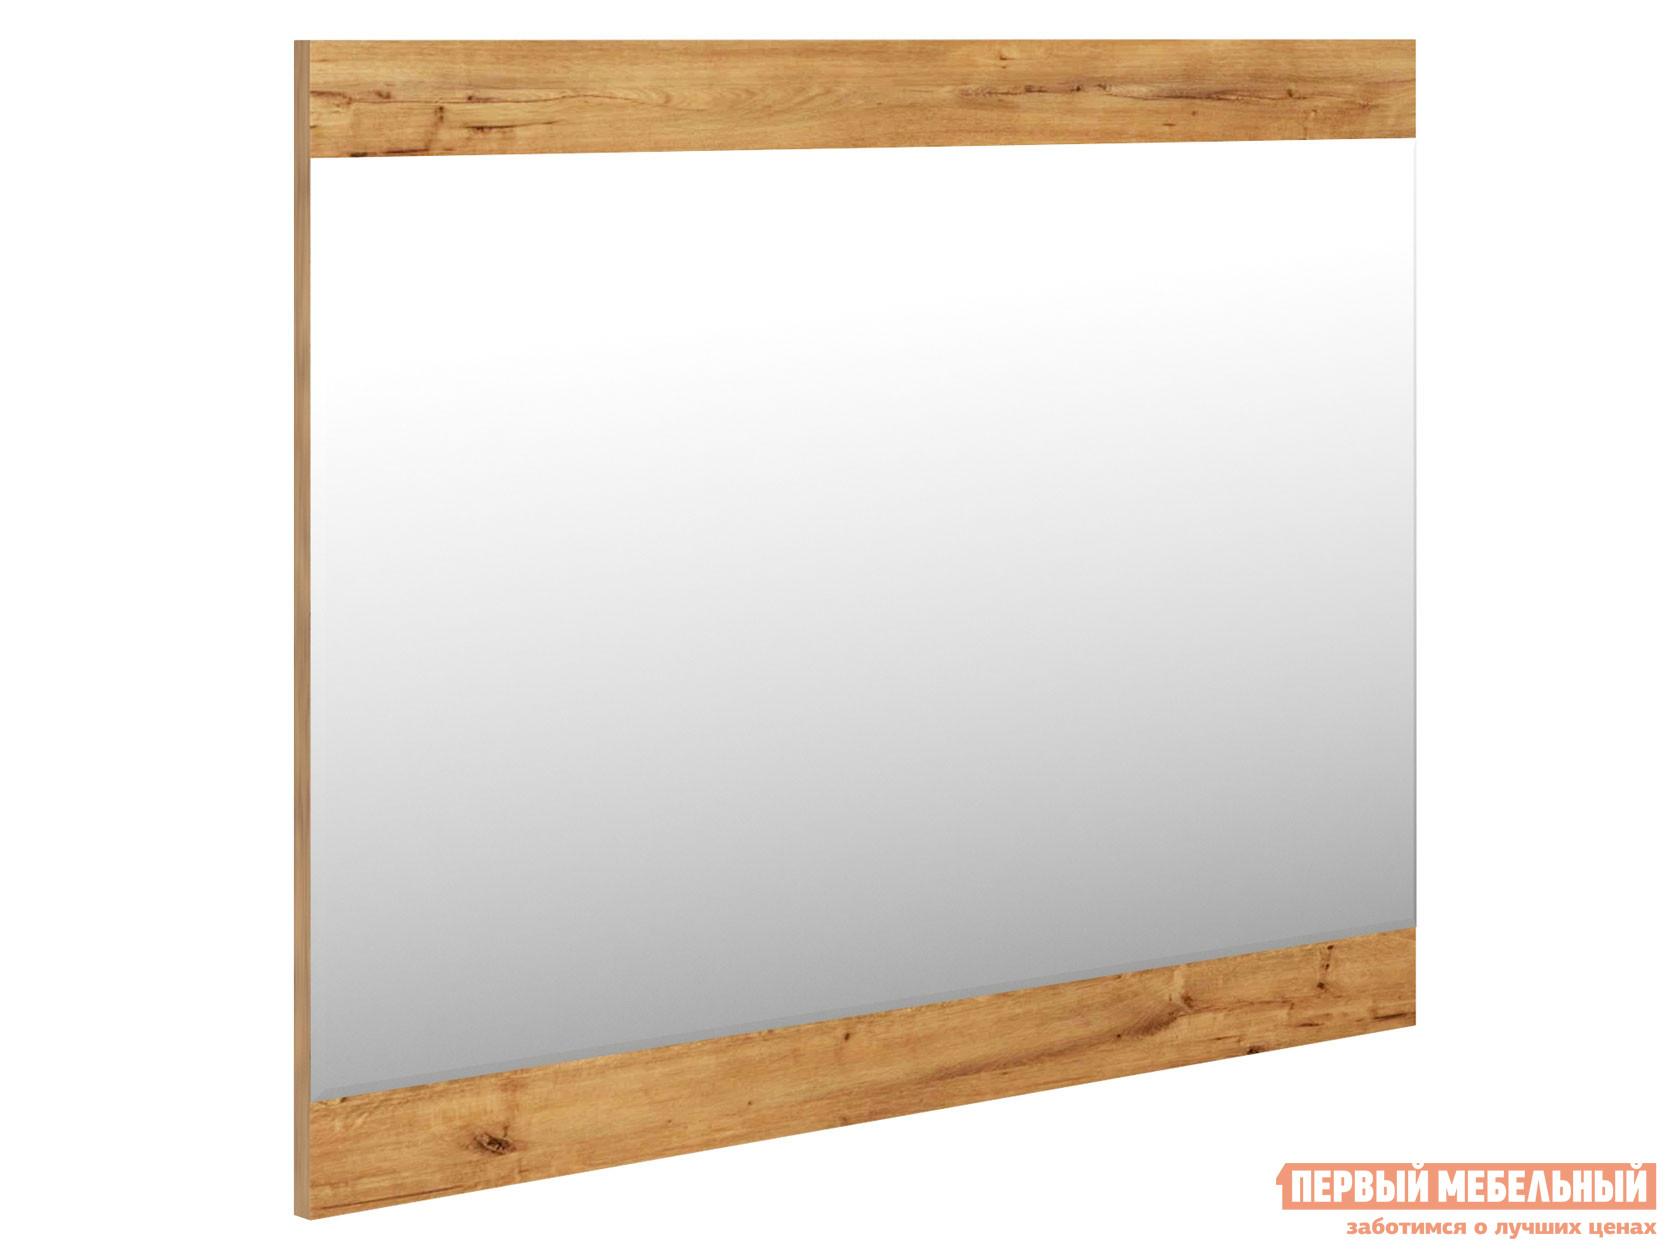 Настенное зеркало Первый Мебельный Зеркало Сан Марино настенное зеркало первый мебельный зеркало линате